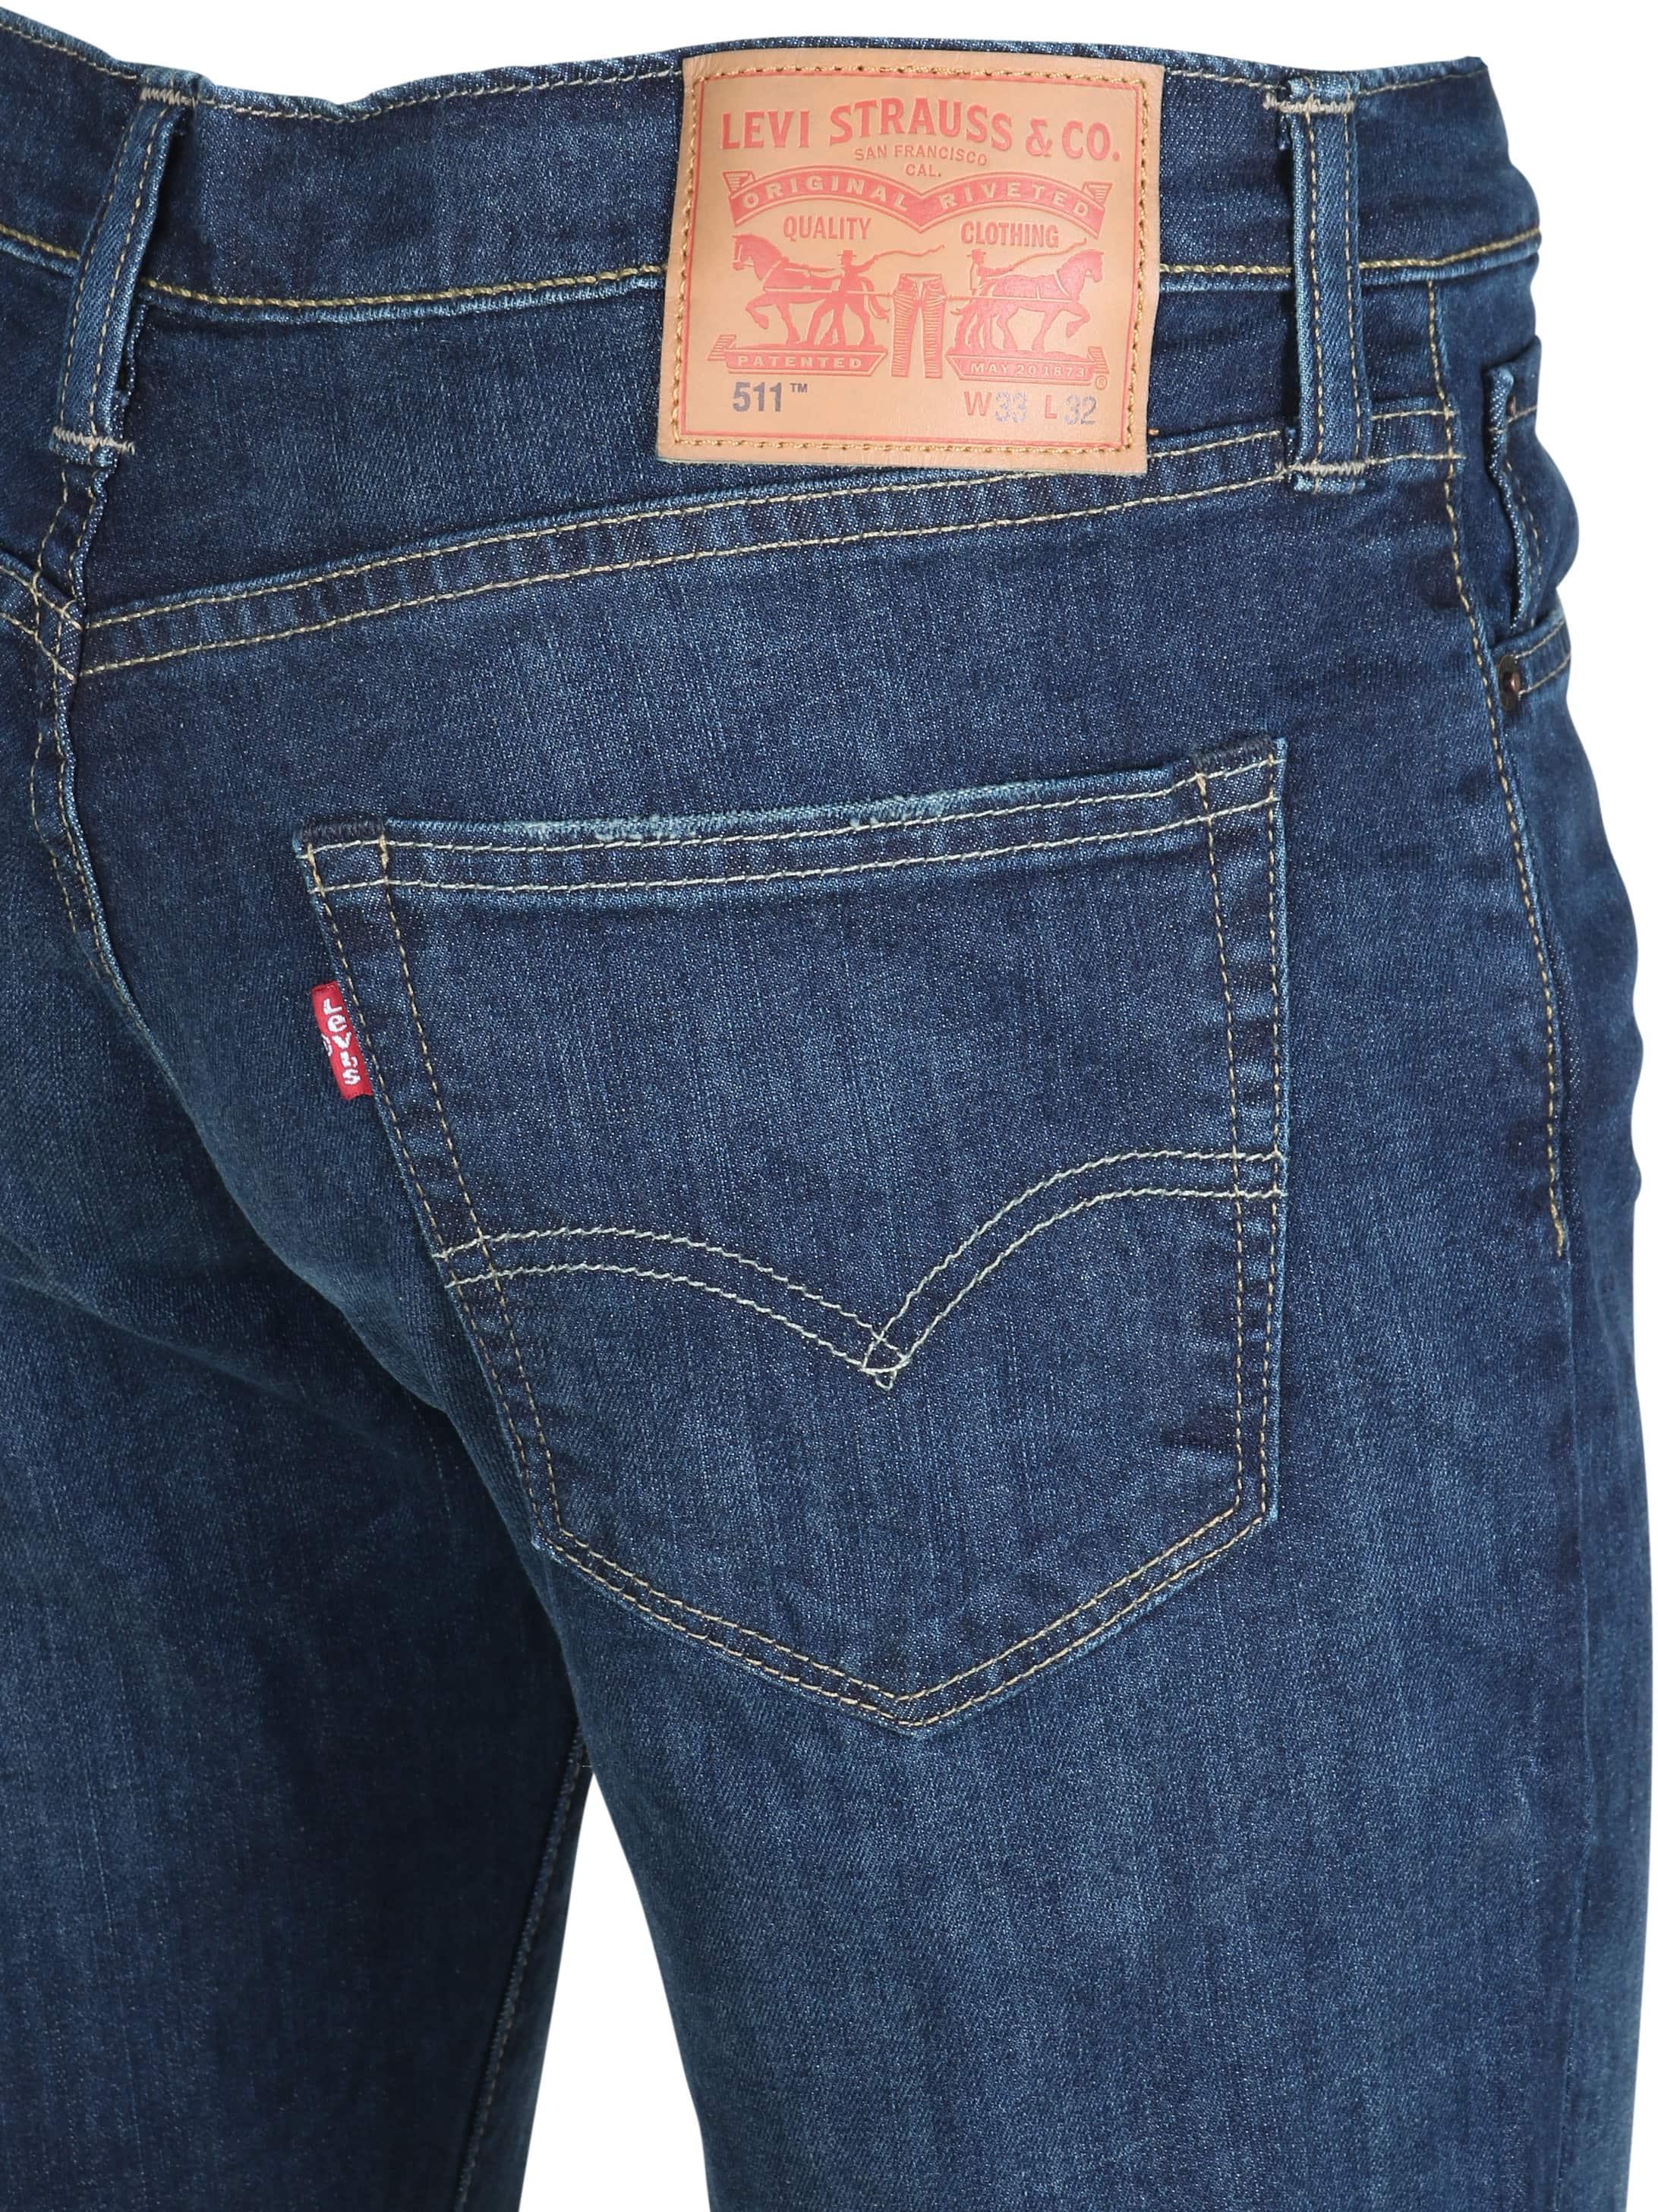 Levi's 511 Spijkerbroek Slim Fit 0709 foto 1